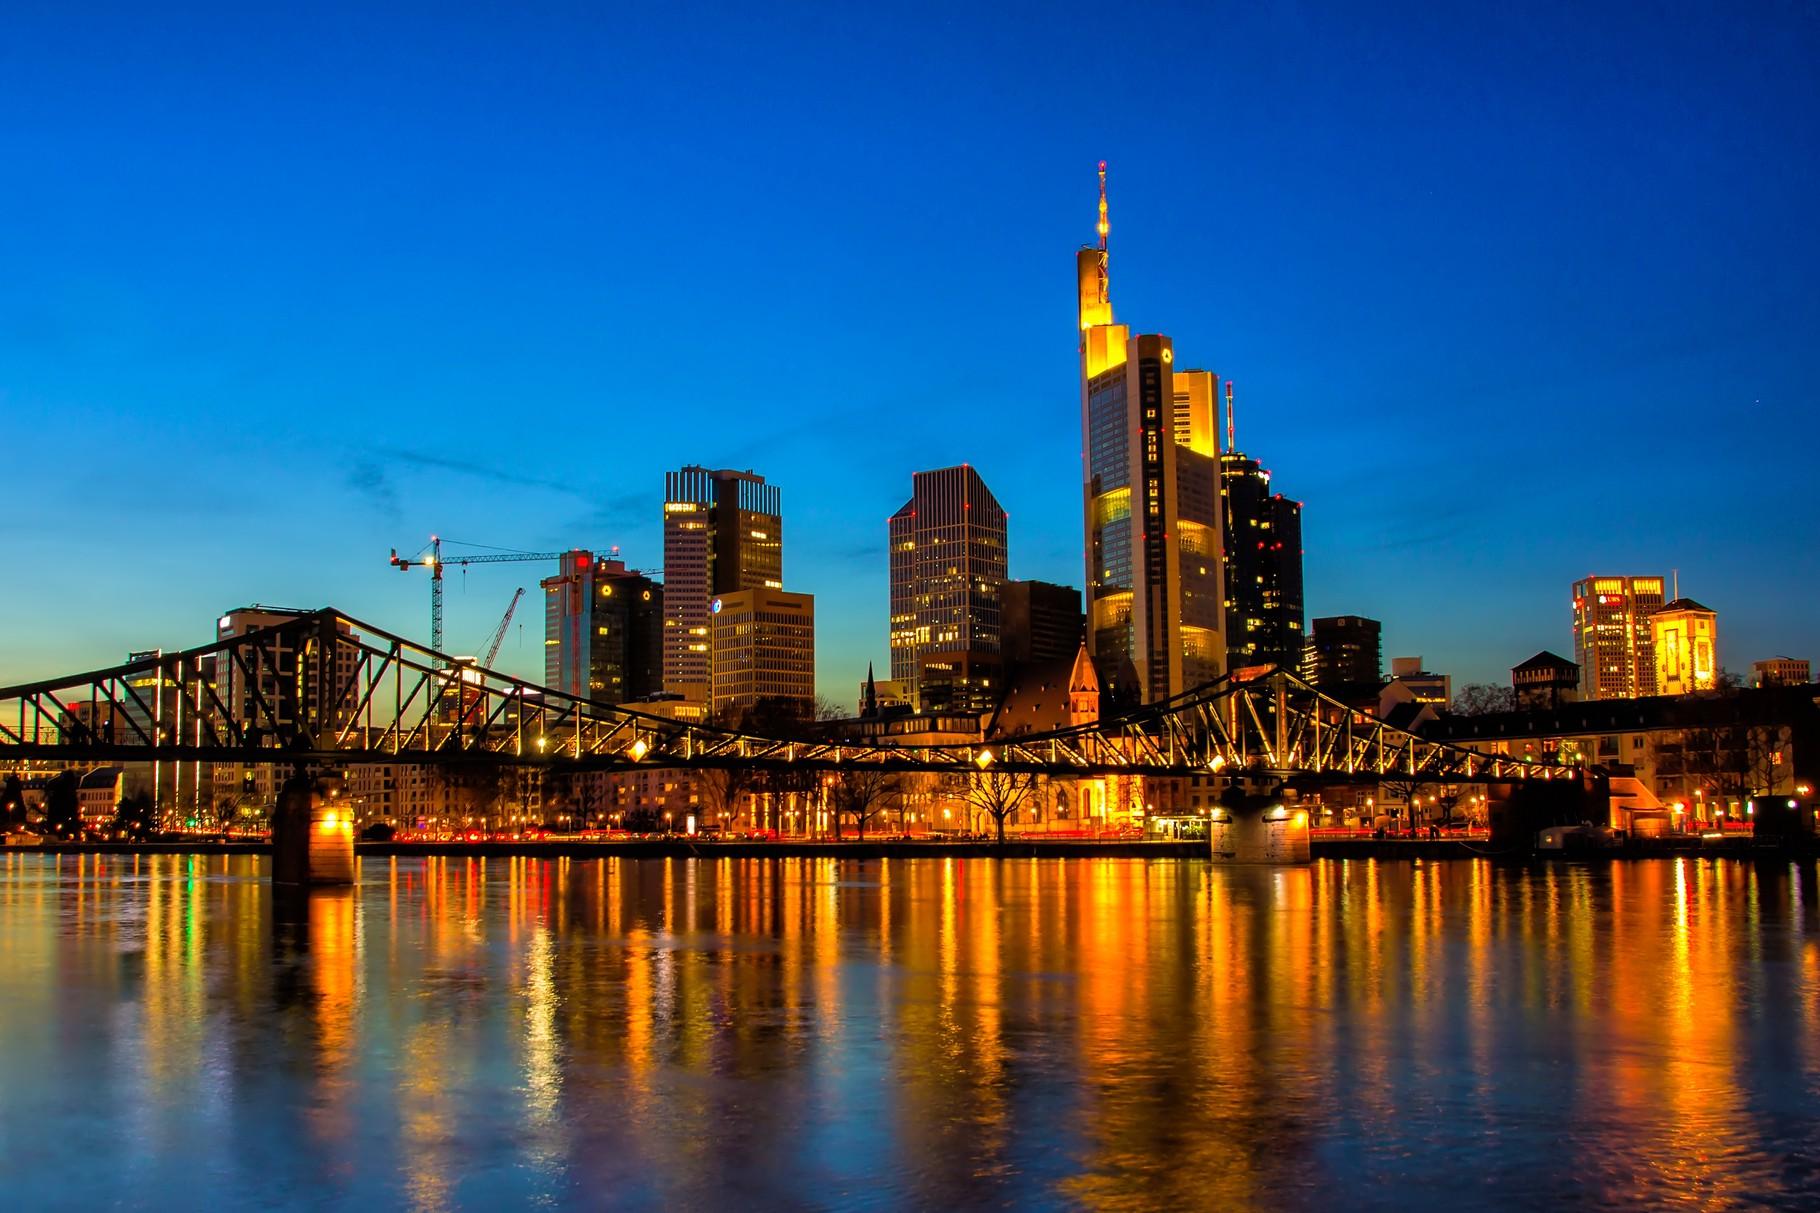 02_Frankfurt am Main - Blick über den Eisernen Steg auf die Skyline